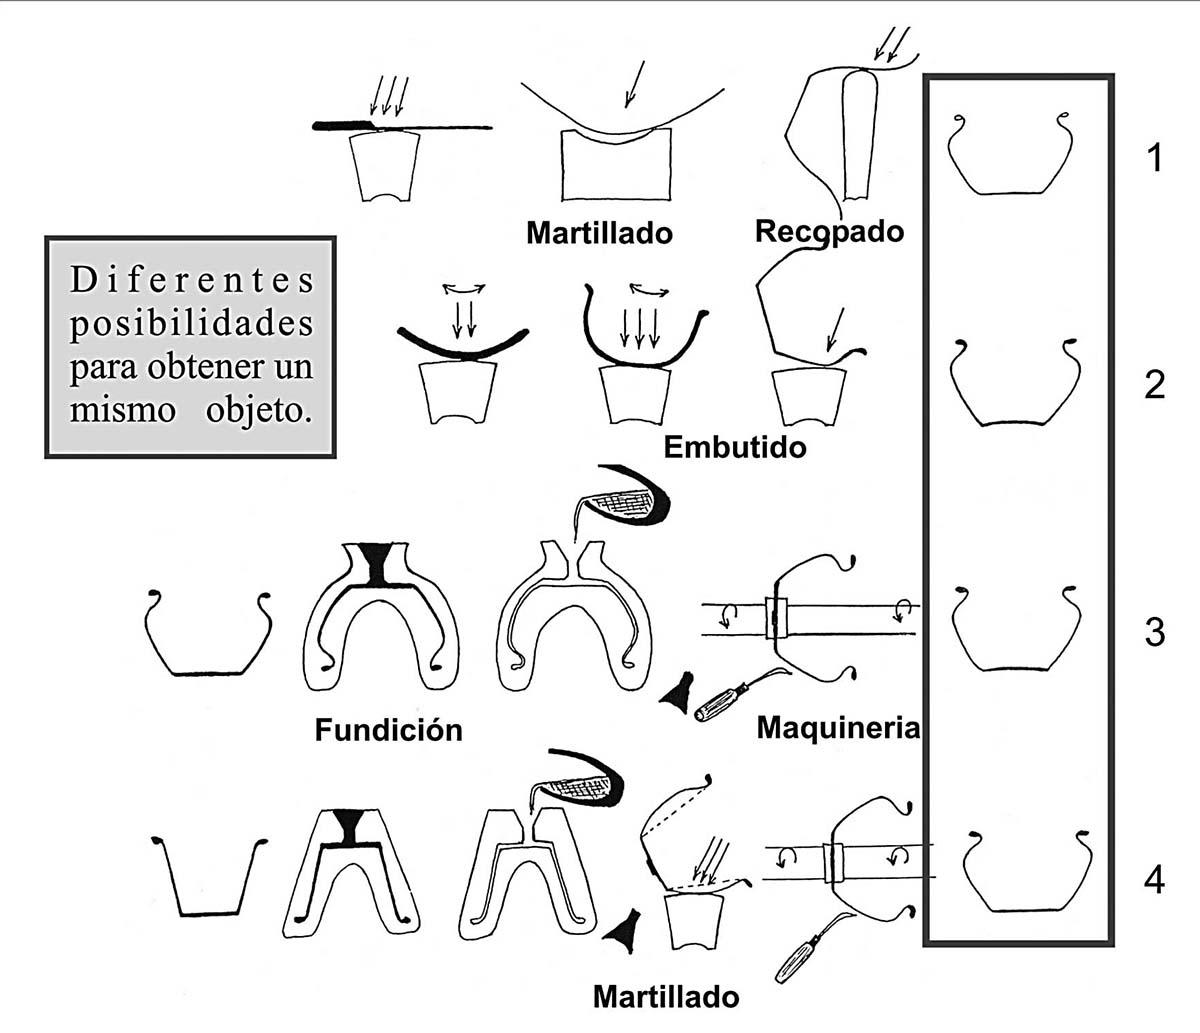 Técnicas del metal, artesanos y talleres en las sociedades antiguas ...